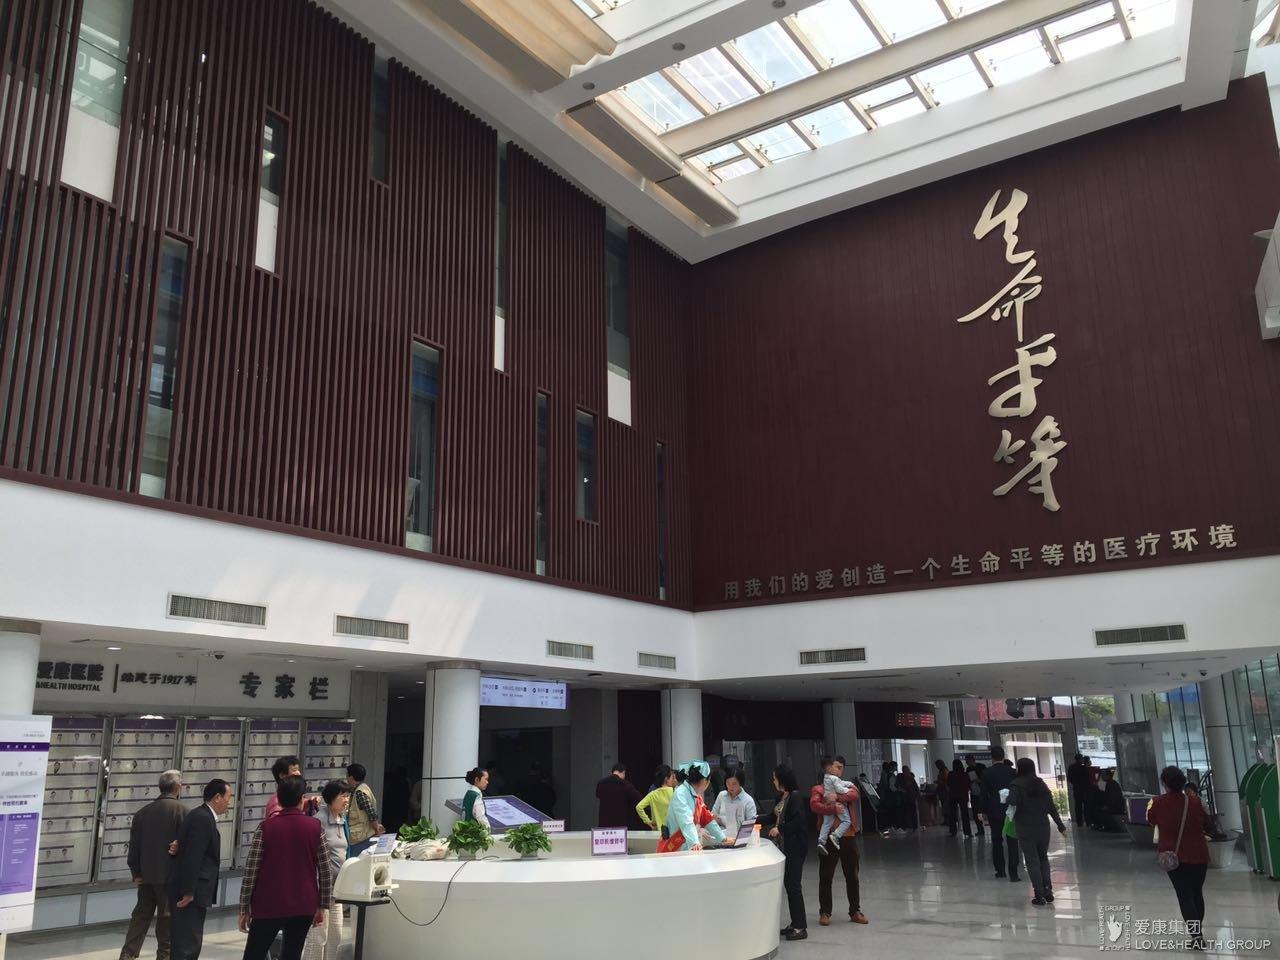 北京爱康集团:大型医疗集团如何做知识管理?